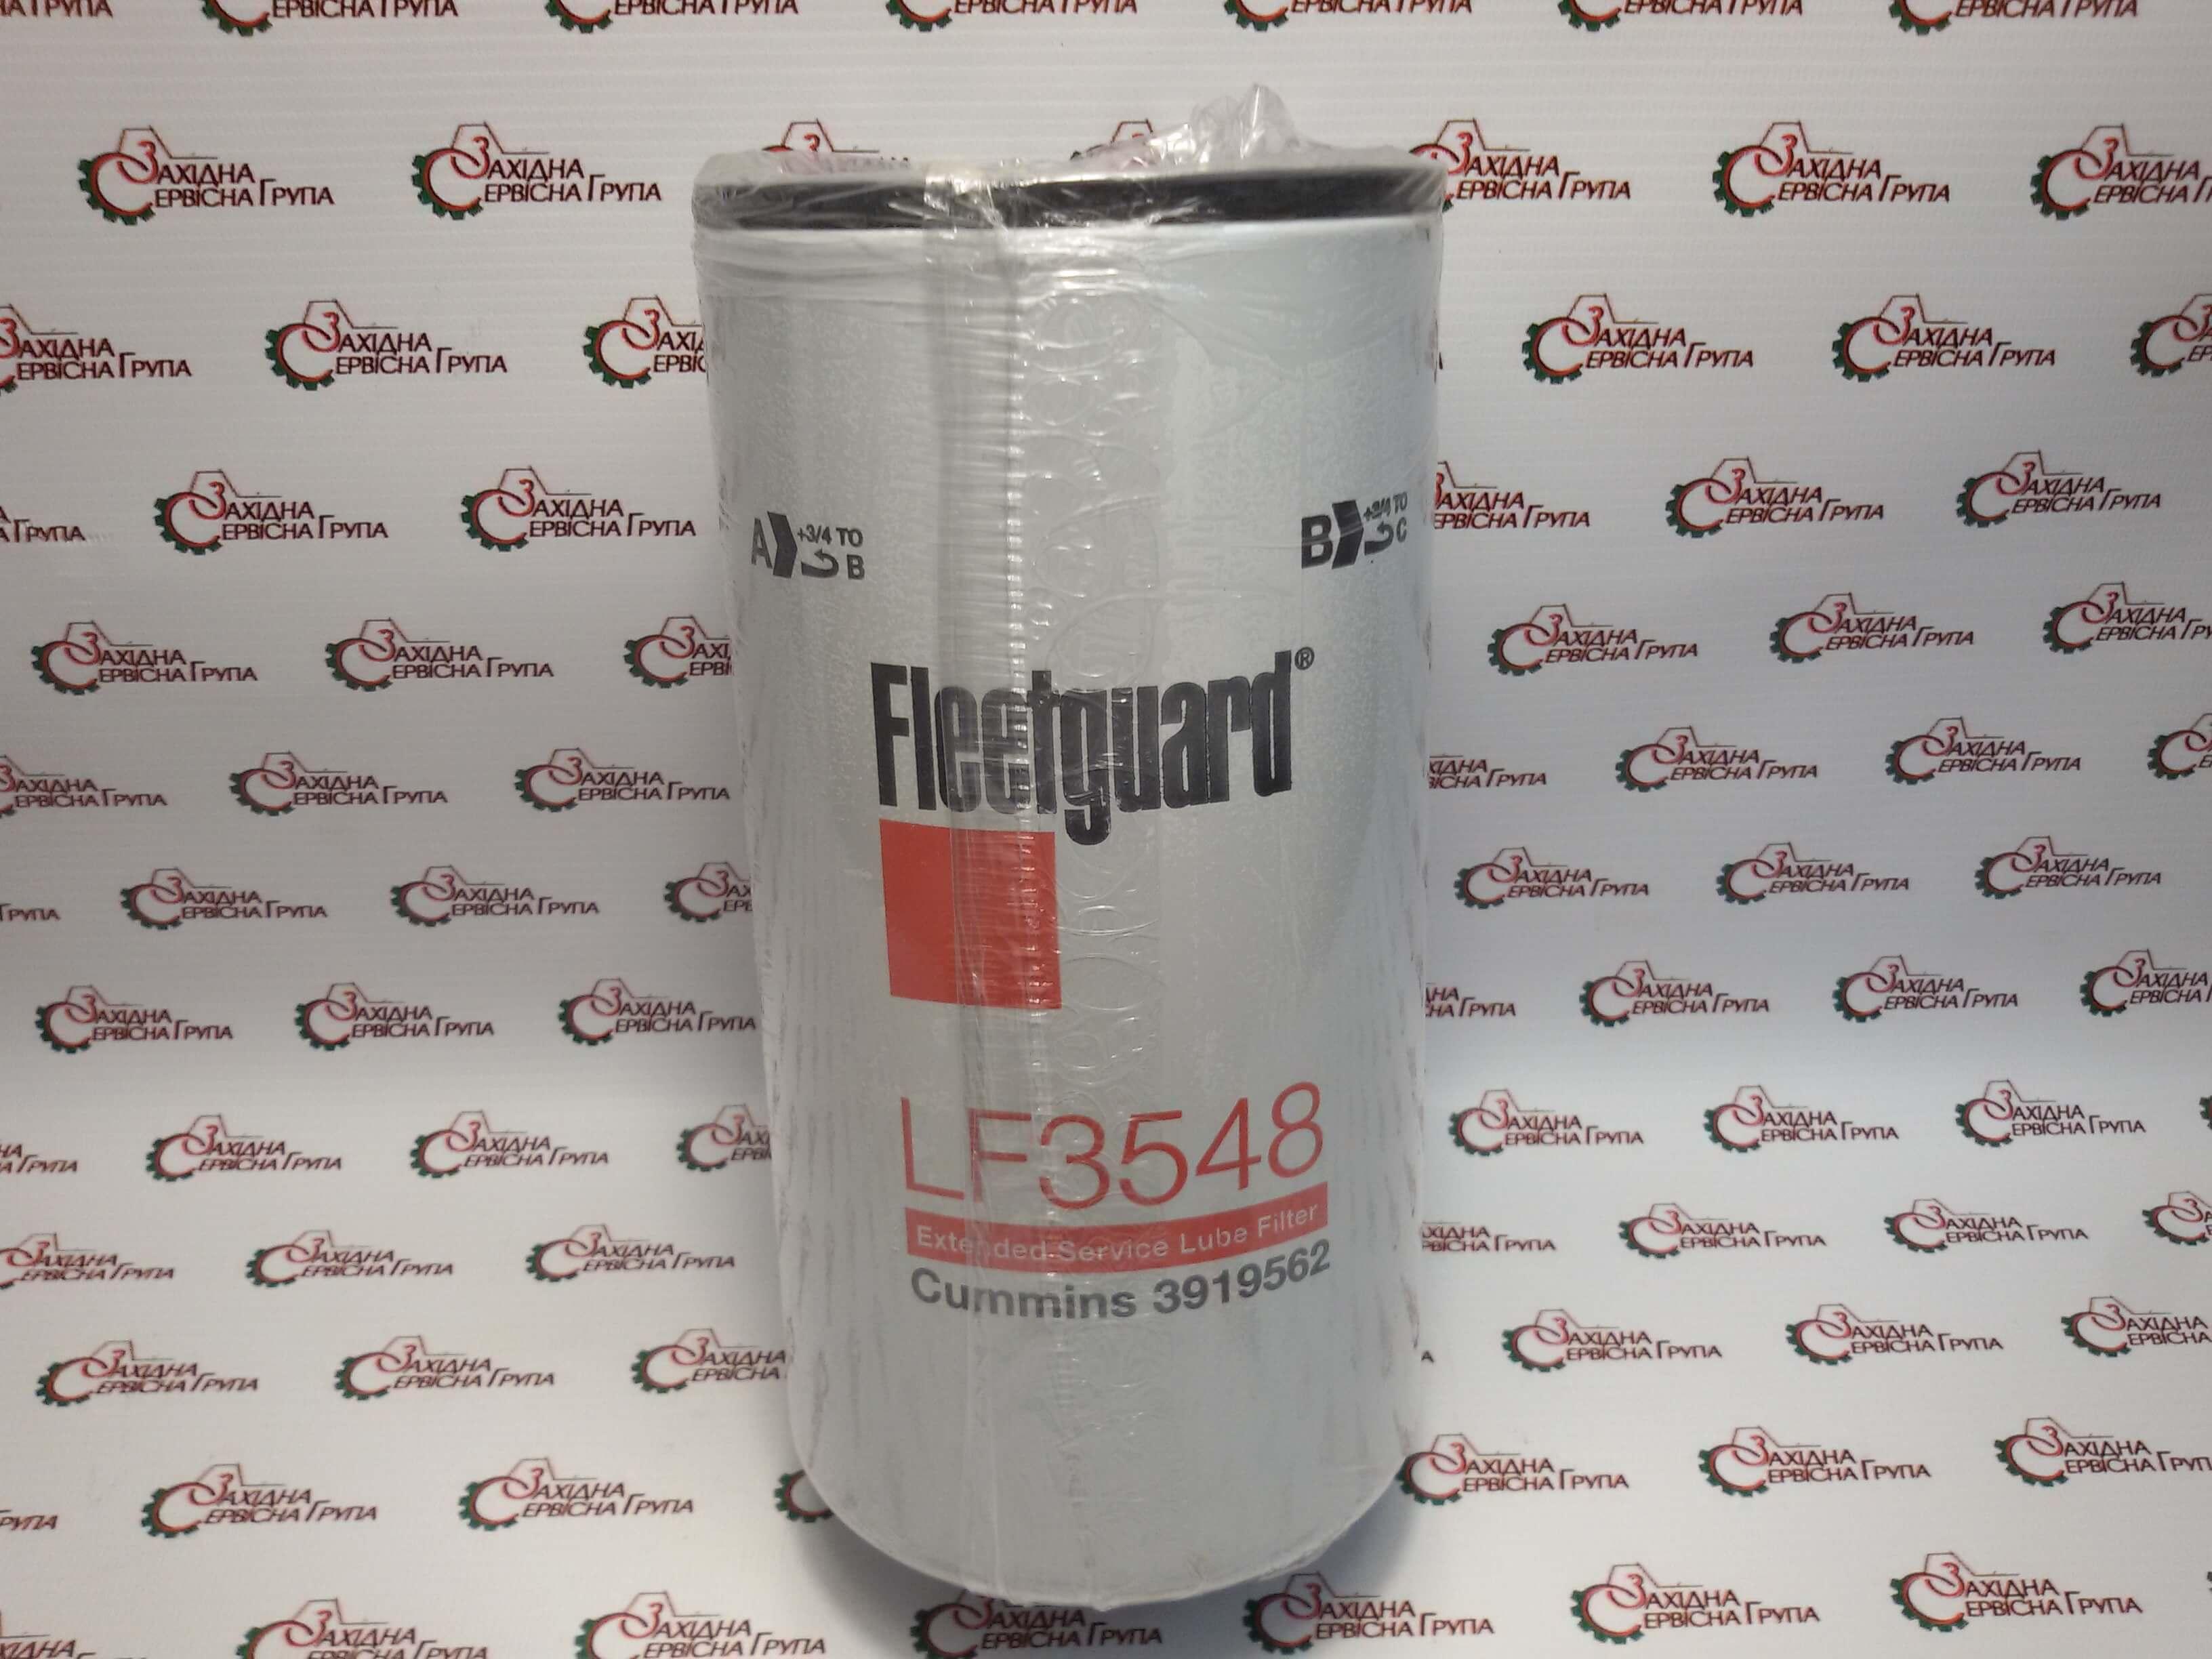 Фильтр масляный Cummins Fleetguard LF3548, 3919526.